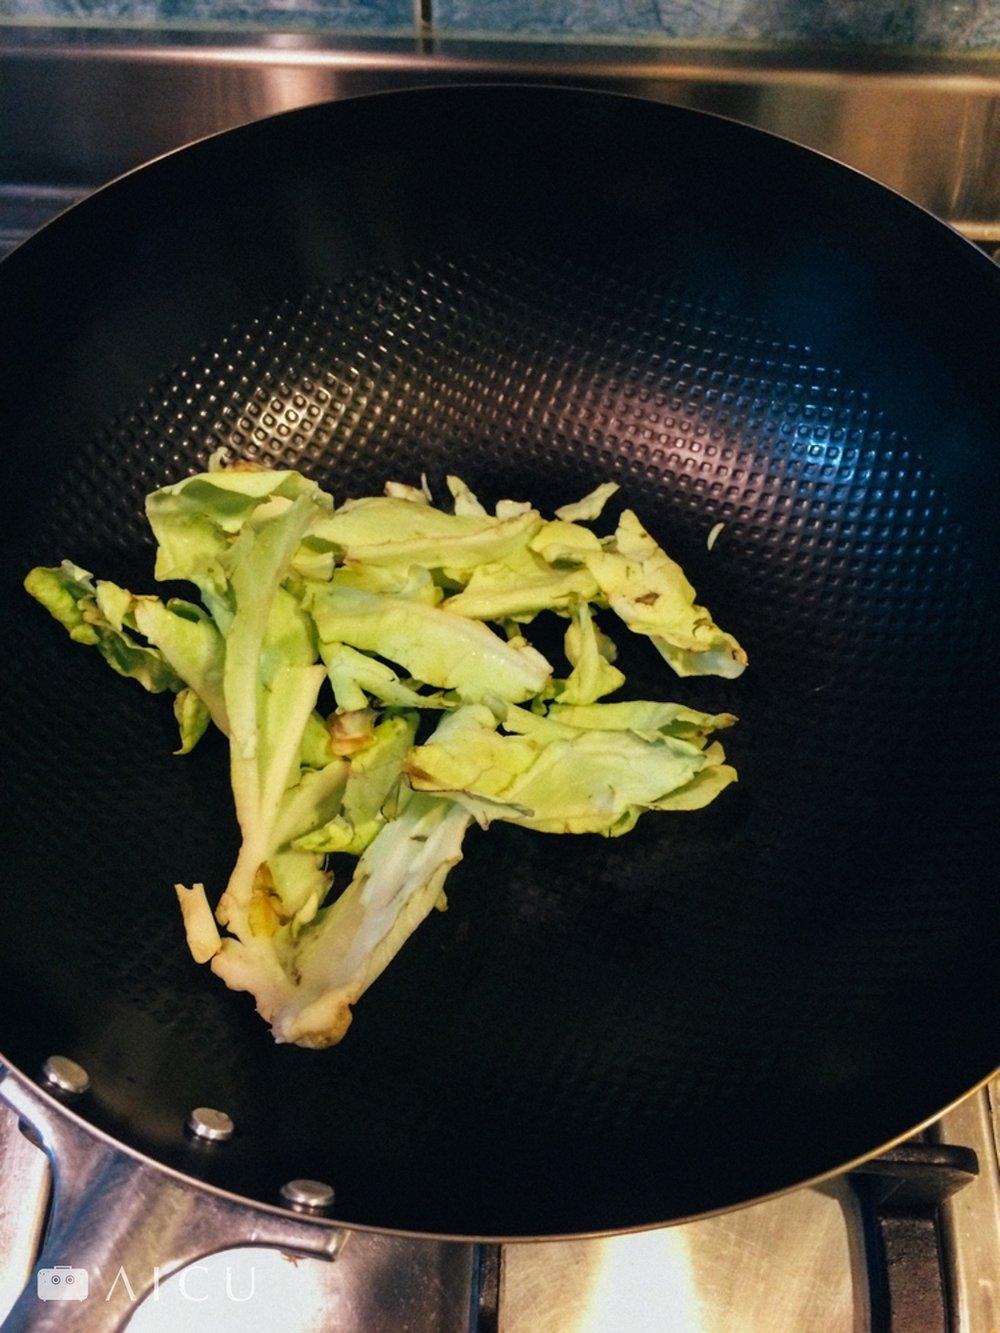 05 炒菜 - 持續中小火(新手可請使用小火),像一般炒菜方法,只是炒久一點,讓每一吋鍋面都吃到油、都炒菜經過。#炒完後因熱萎縮的菜葉請丟掉勿食用